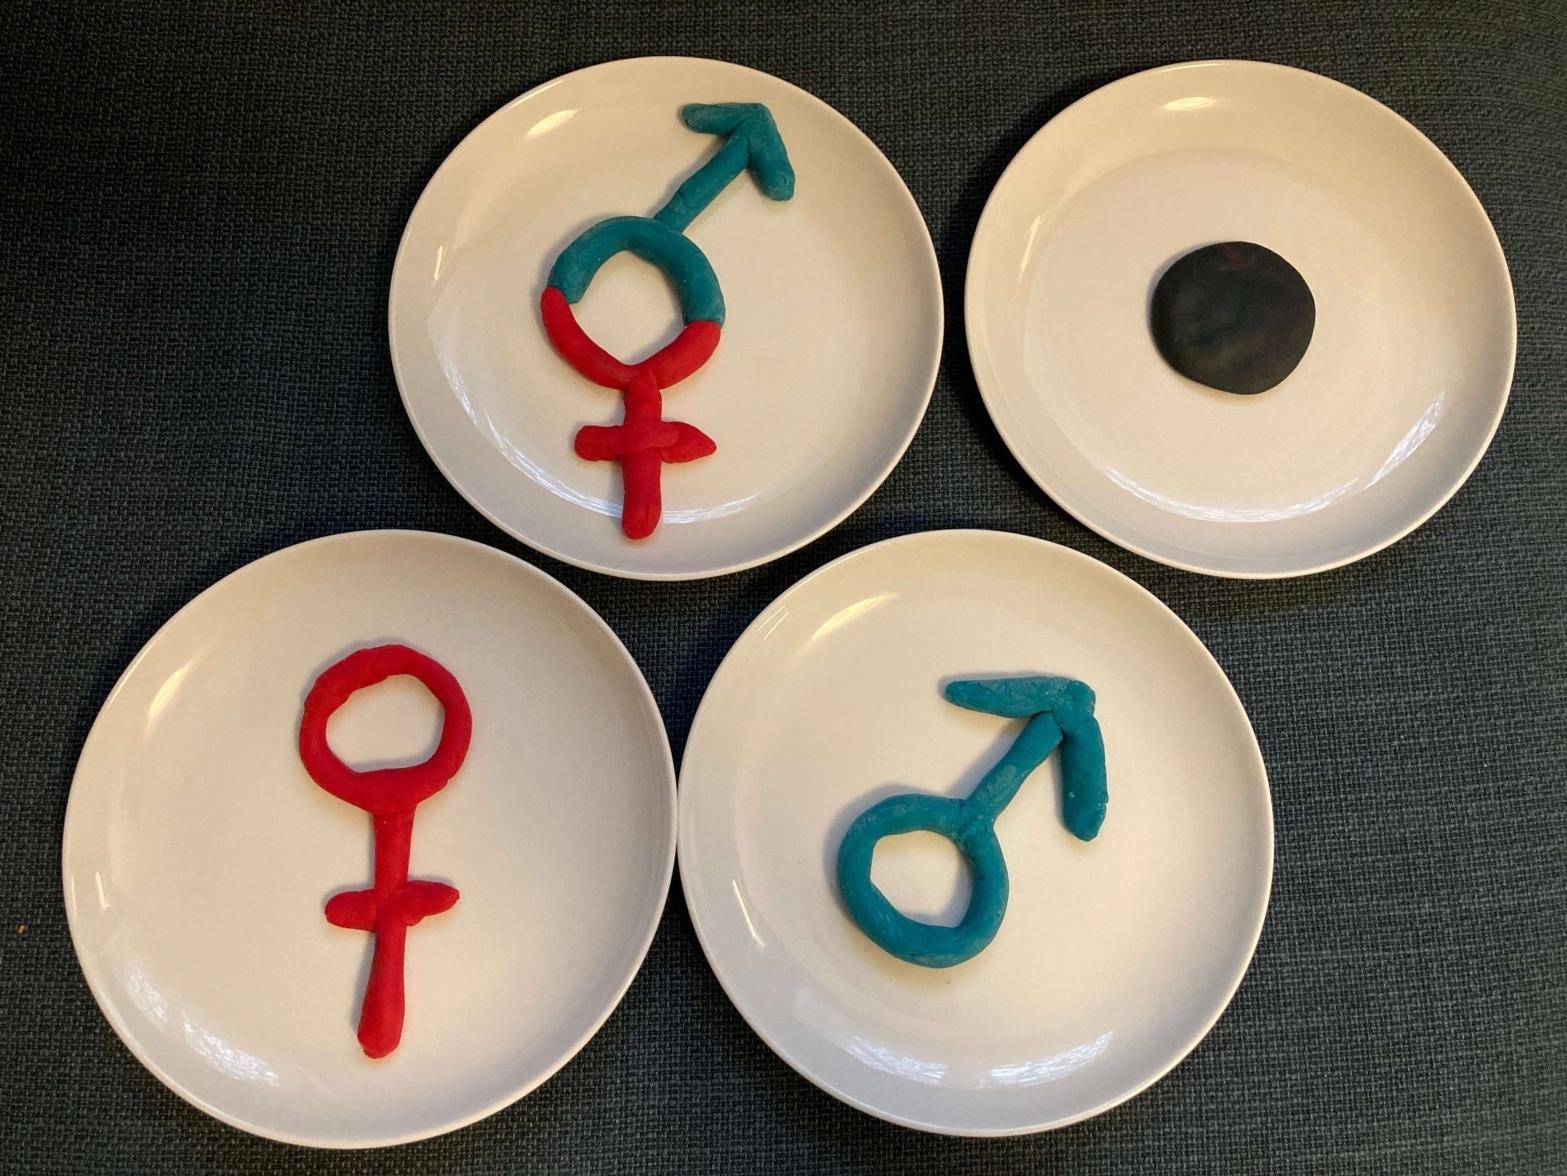 Symbole männlich weiblich quer asexuell Sauberkeitserziehung Frauensache